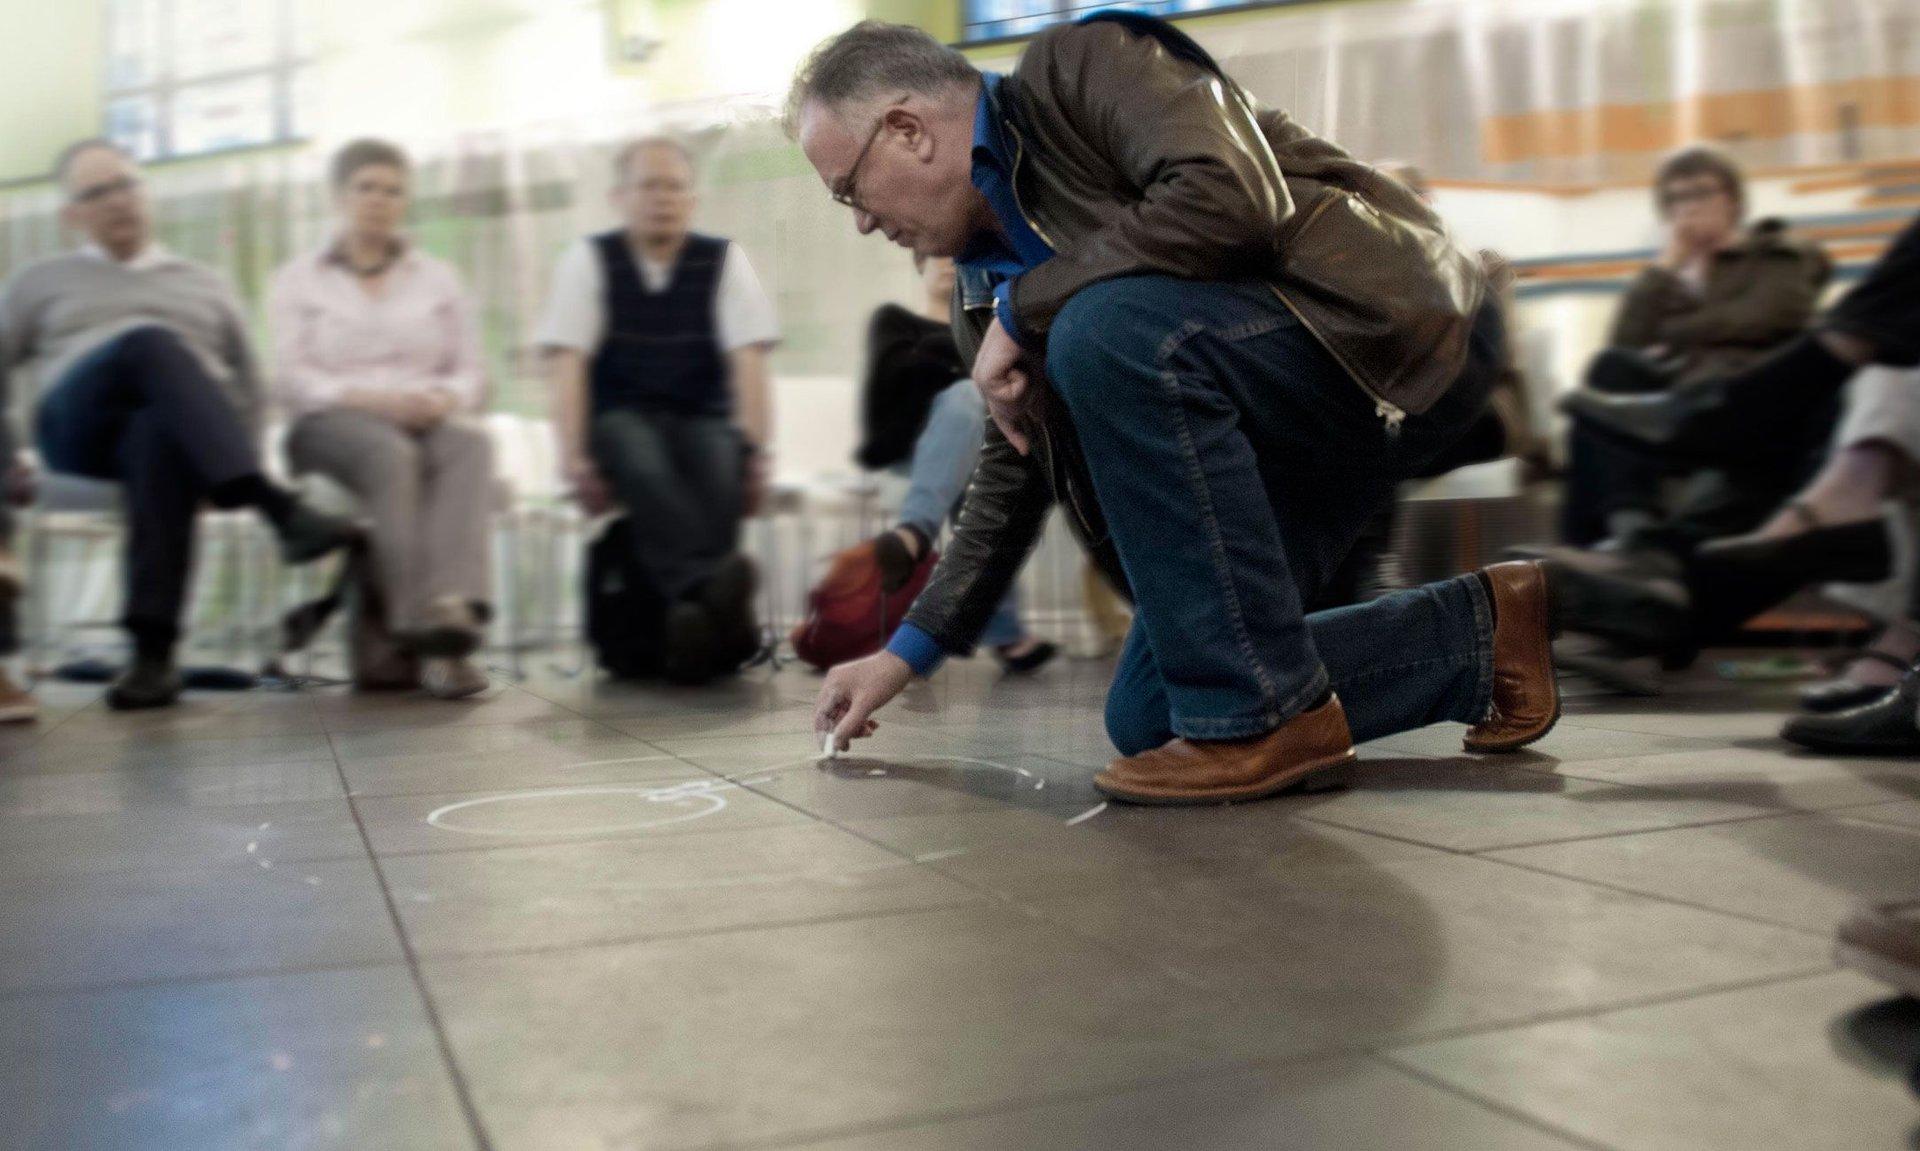 Johannes Stüttgen, der Leiter des Ringgesprächs, kniet im Stuhlkreis der Teilnehmer und zeichnet mit Kreide auf den Boden.